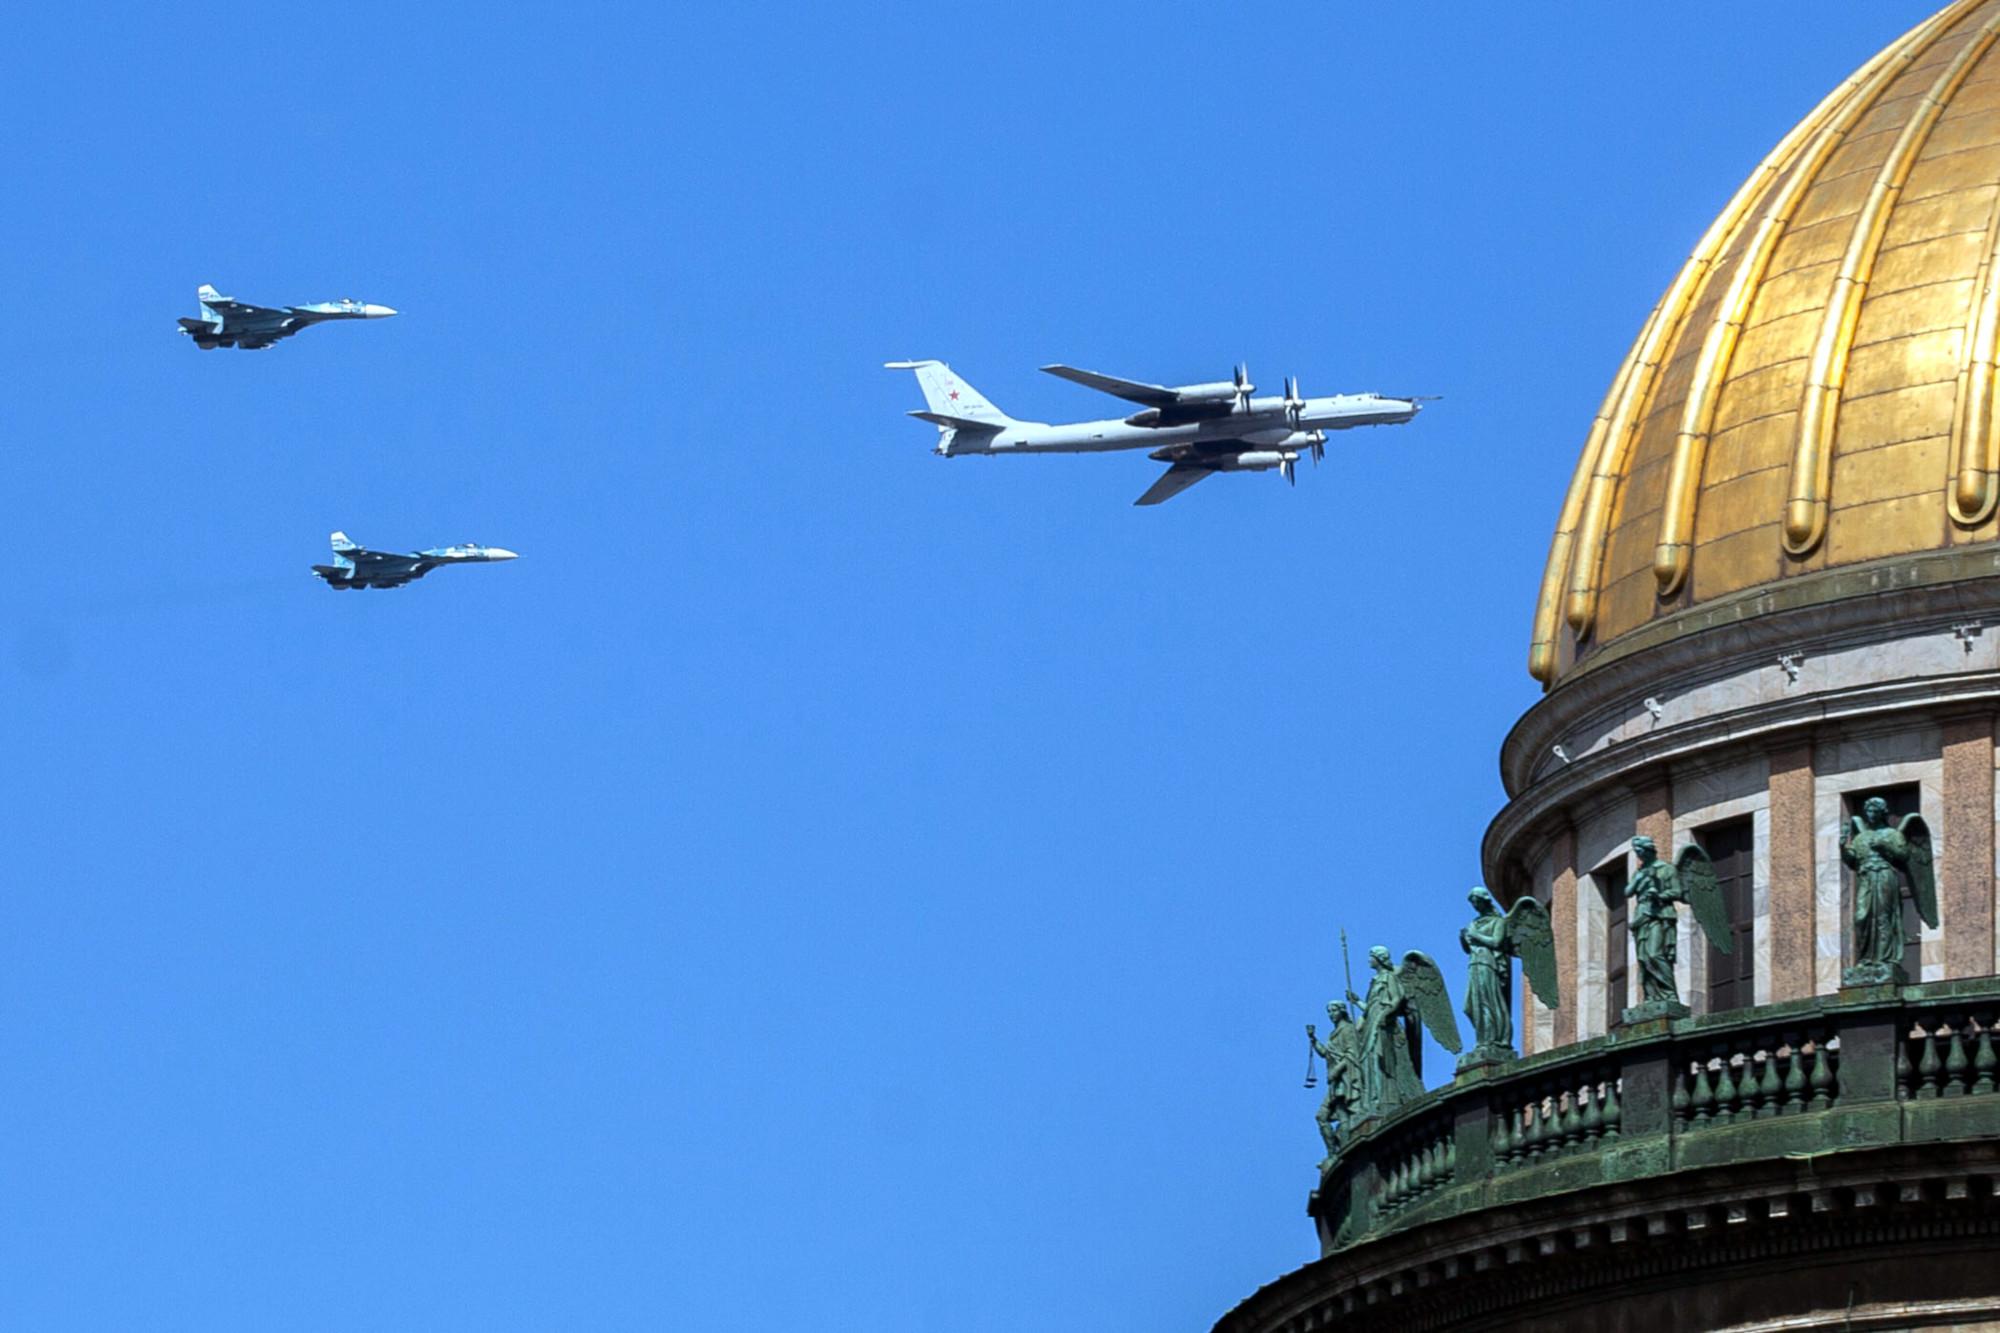 репетиция парада день ВМФ военная авиация самолёты